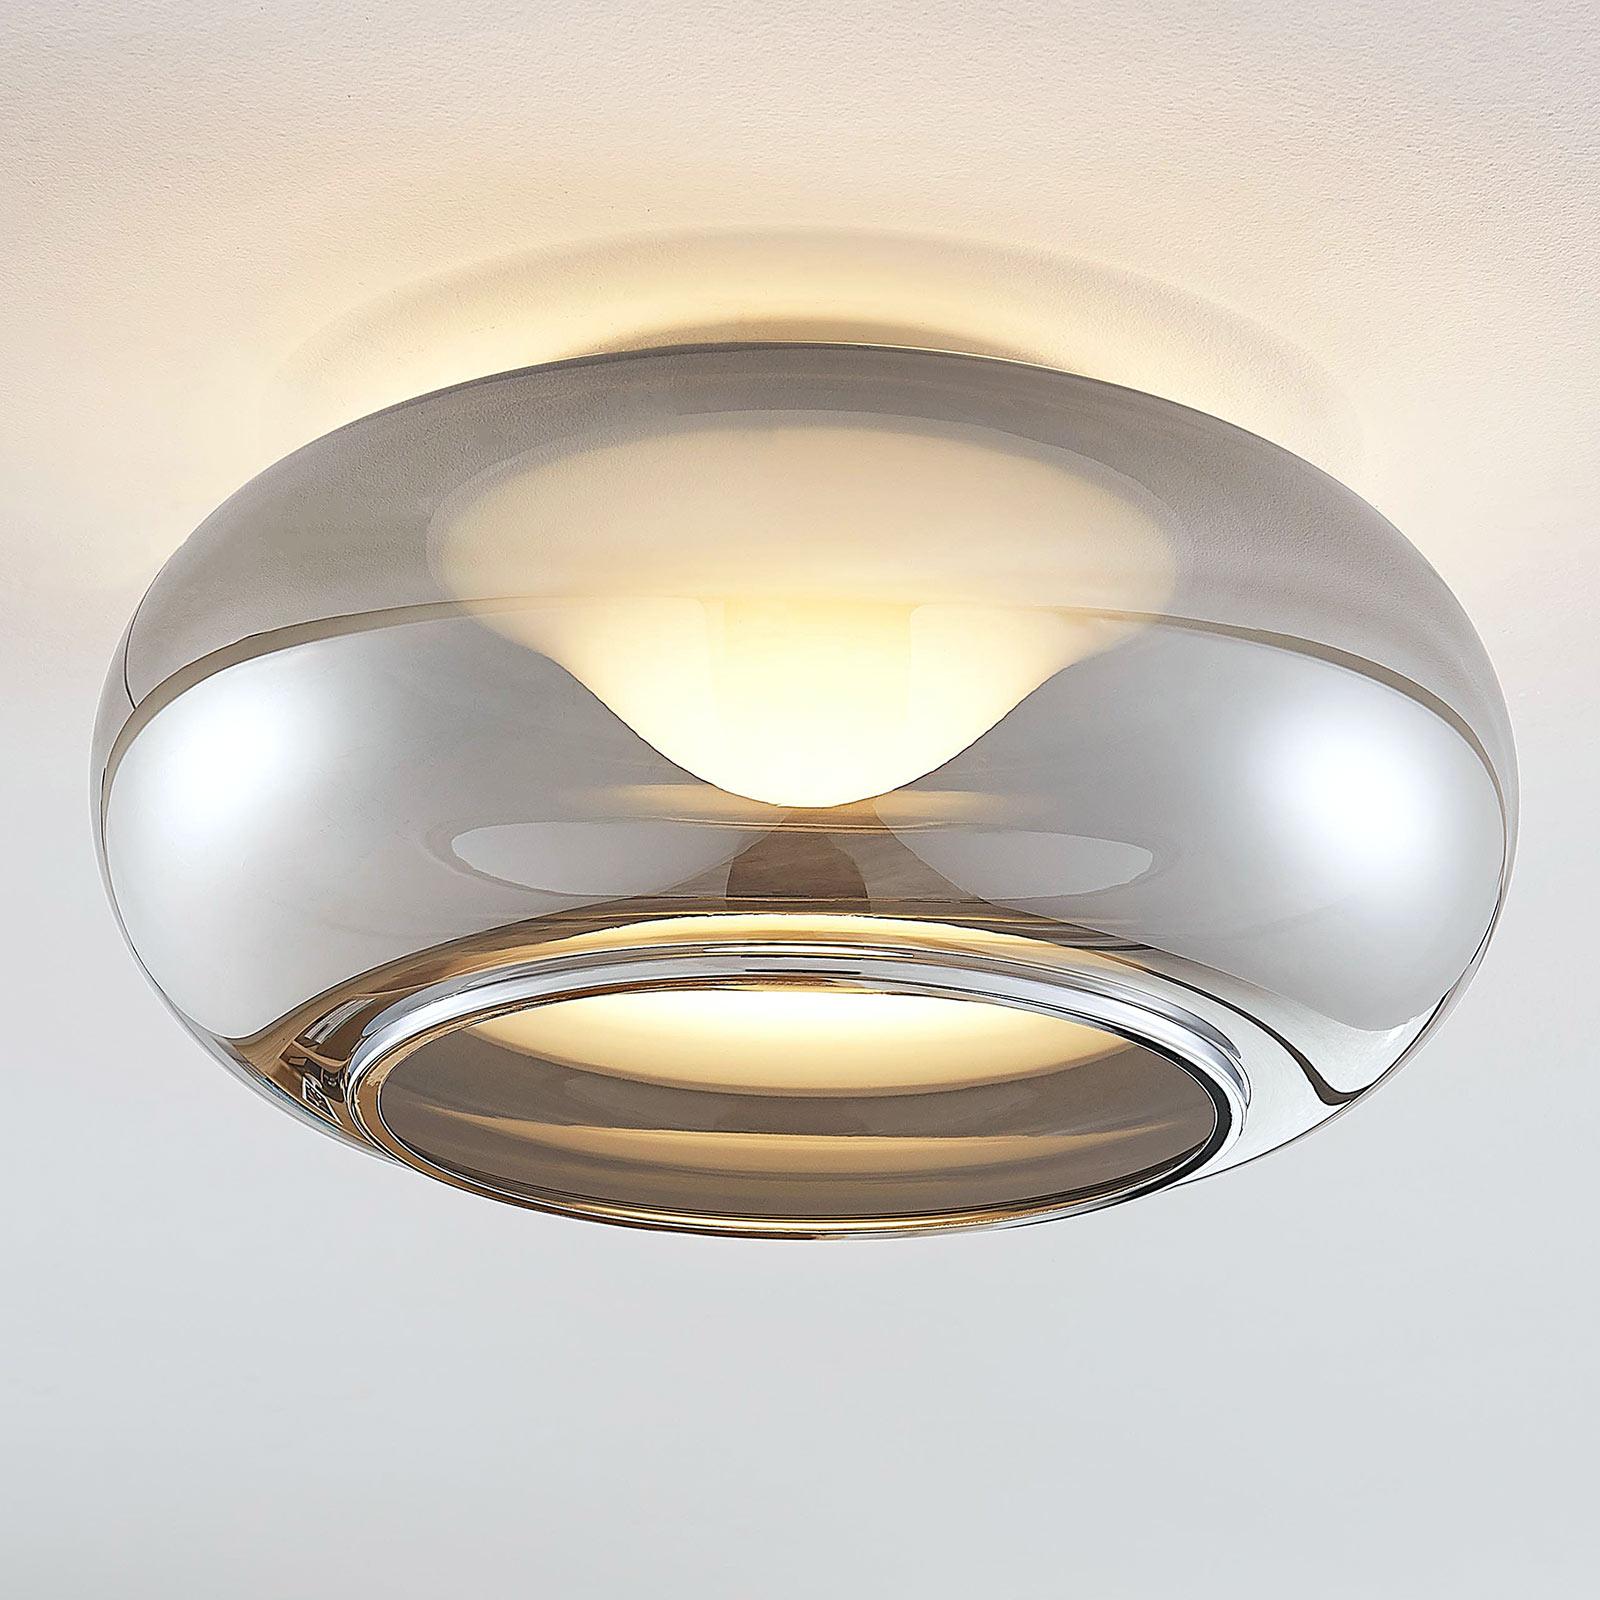 Szklana lampa sufitowa LED Mijo dymnoszara